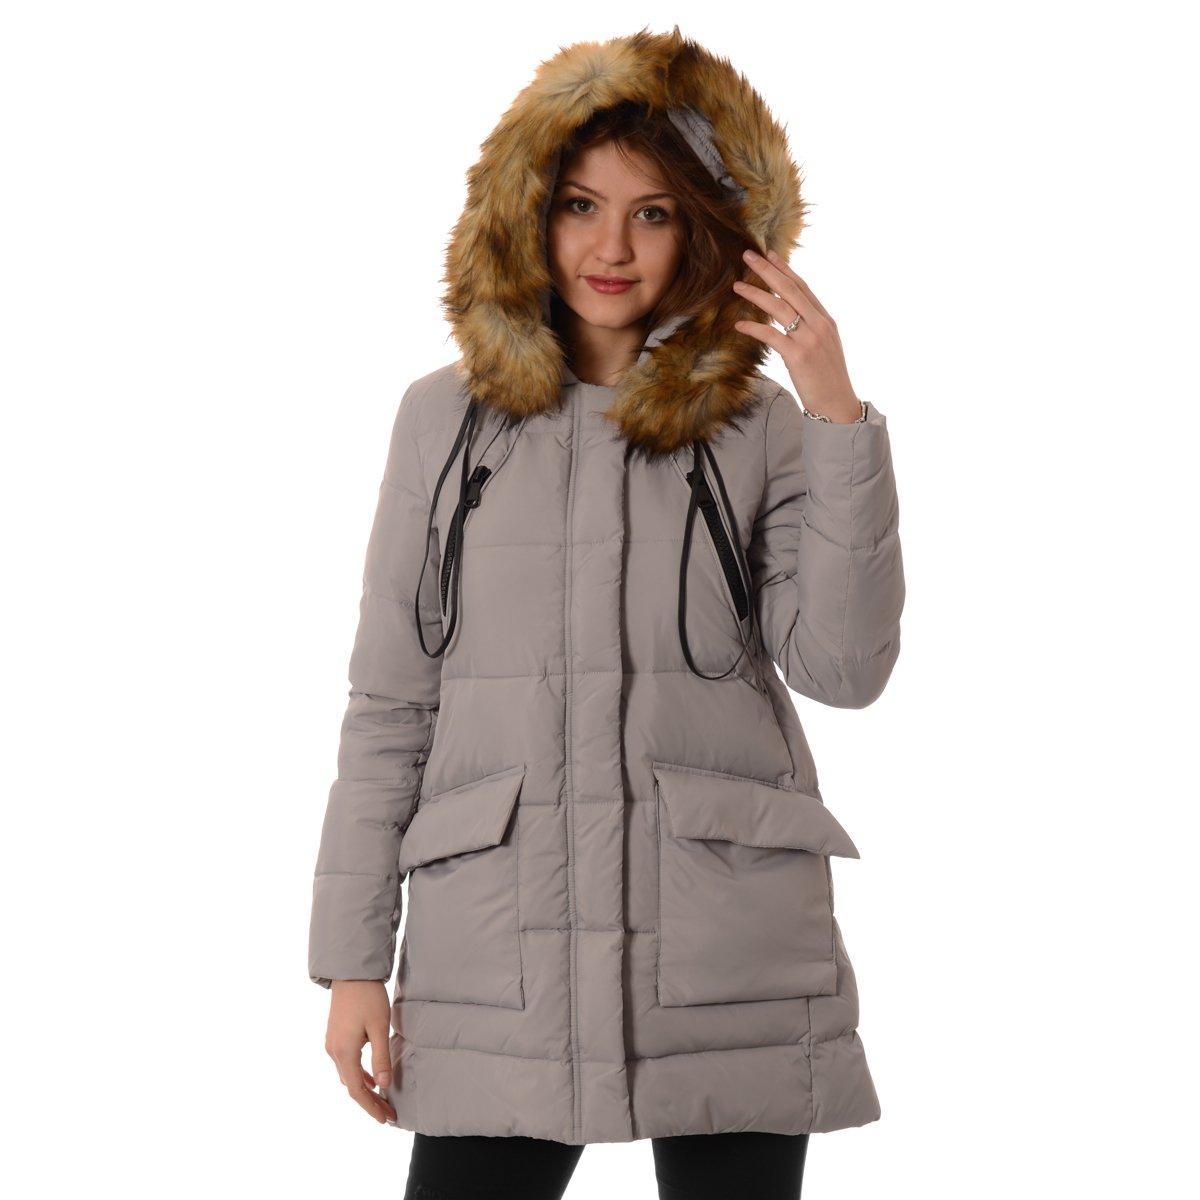 Skórzana kurtka damska stanowi uniwersalny element, który znakomicie pasuje do wielu stylizacji i jest świetną alternatywą dla damskiego płaszcza. Można ją założyć do zwiewnej, letniej sukienki, na spotkanie biznesowe, a nawet uroczyste przyjęcie.